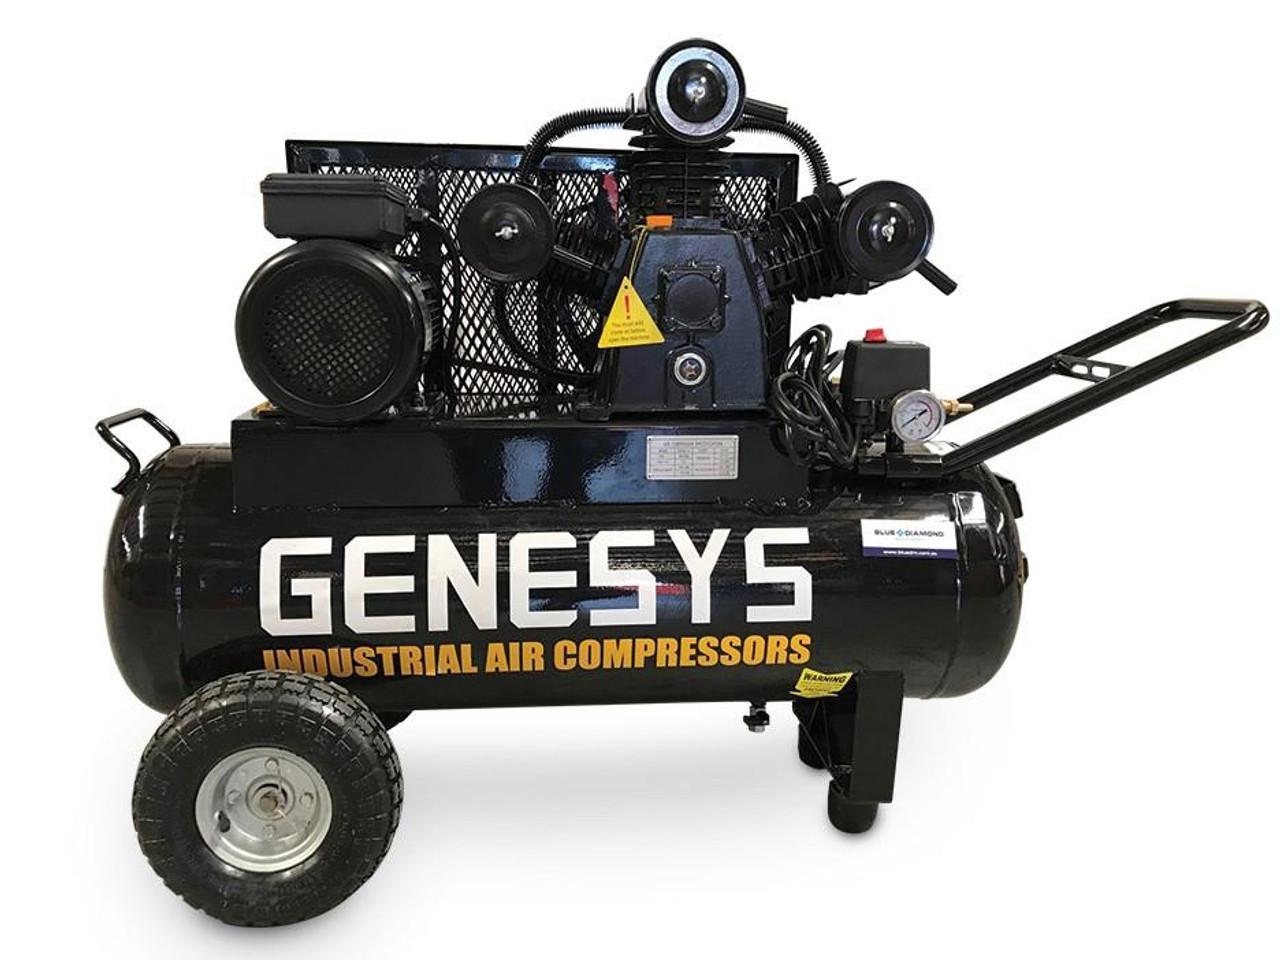 Electric Piston Air Compressor, Portable.